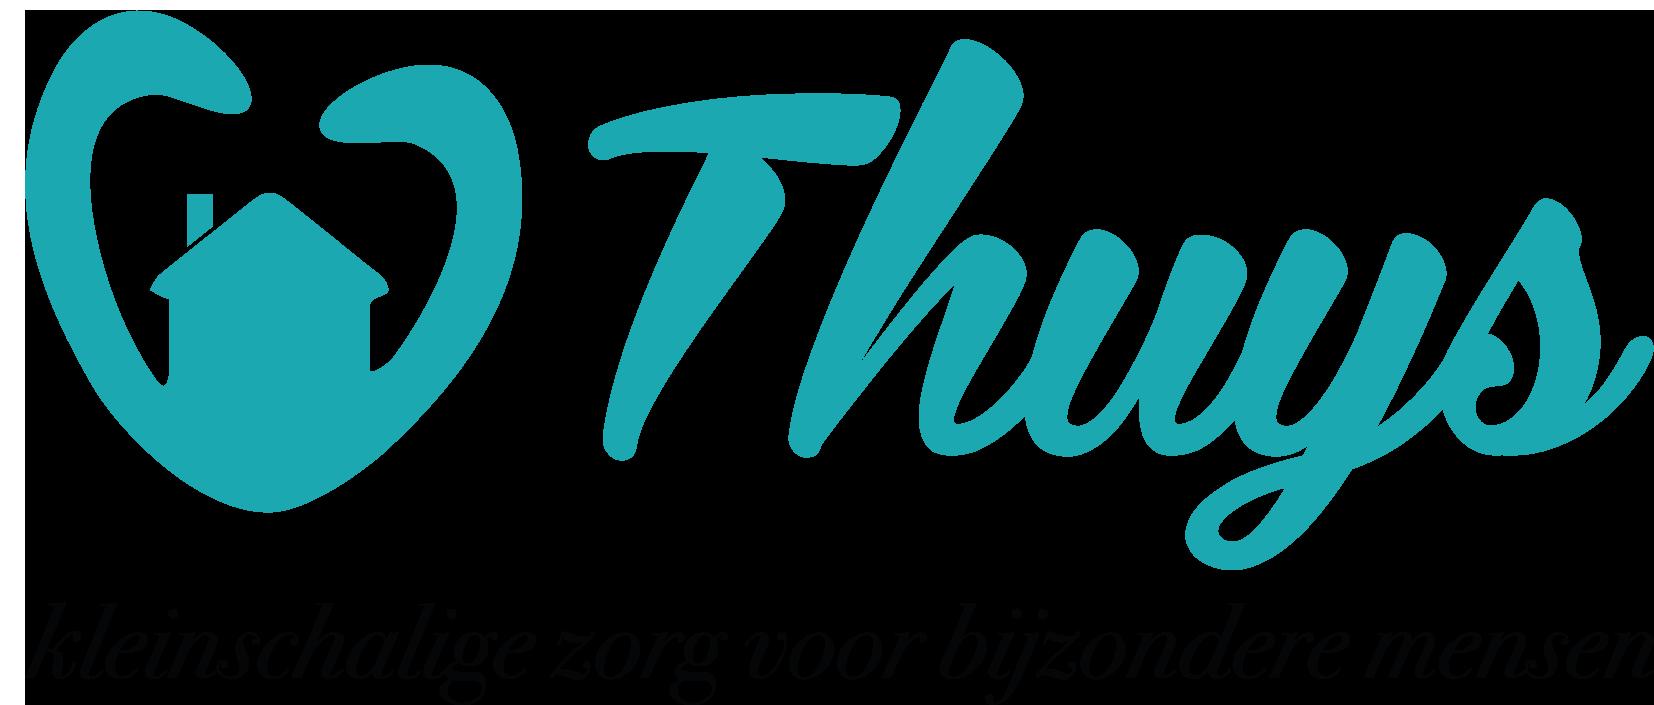 Thuys | Kleinschalige zorg